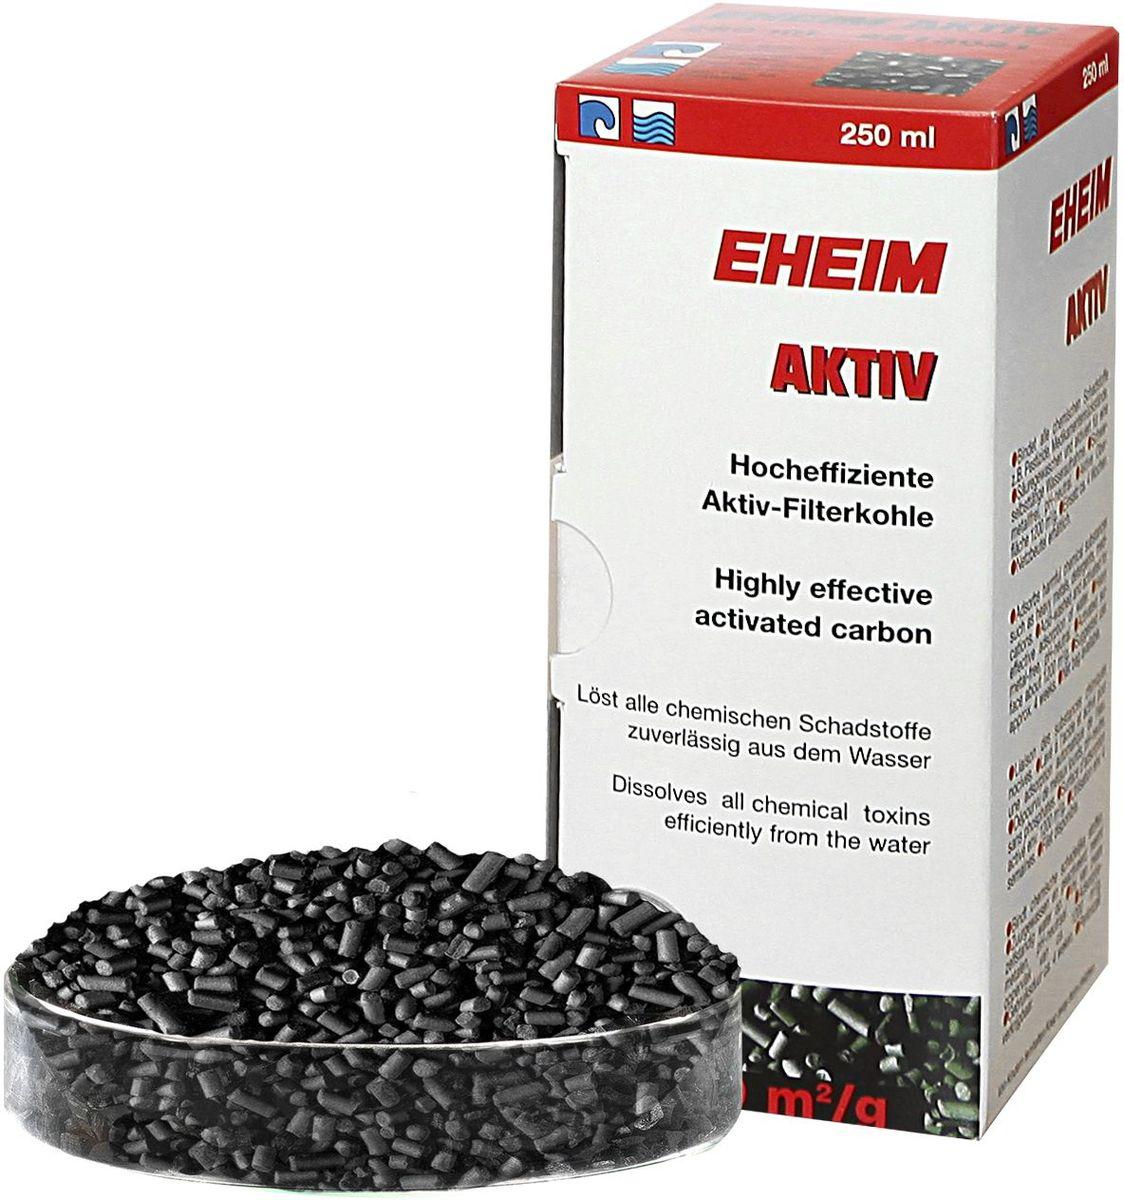 Наполнитель для фильтра Eheim Aktiv Carbon, угольный, 250 мл2513021Уголь Ehaim KARBON обеспечивает быстрый сбор растворенных в воде вредных веществ,пестицидов.Не содержит тяжелых металлов, обладает нетральным уровнем pH. AKTIV KARBON Обладает большей эффективностью по сбору вредных веществ.